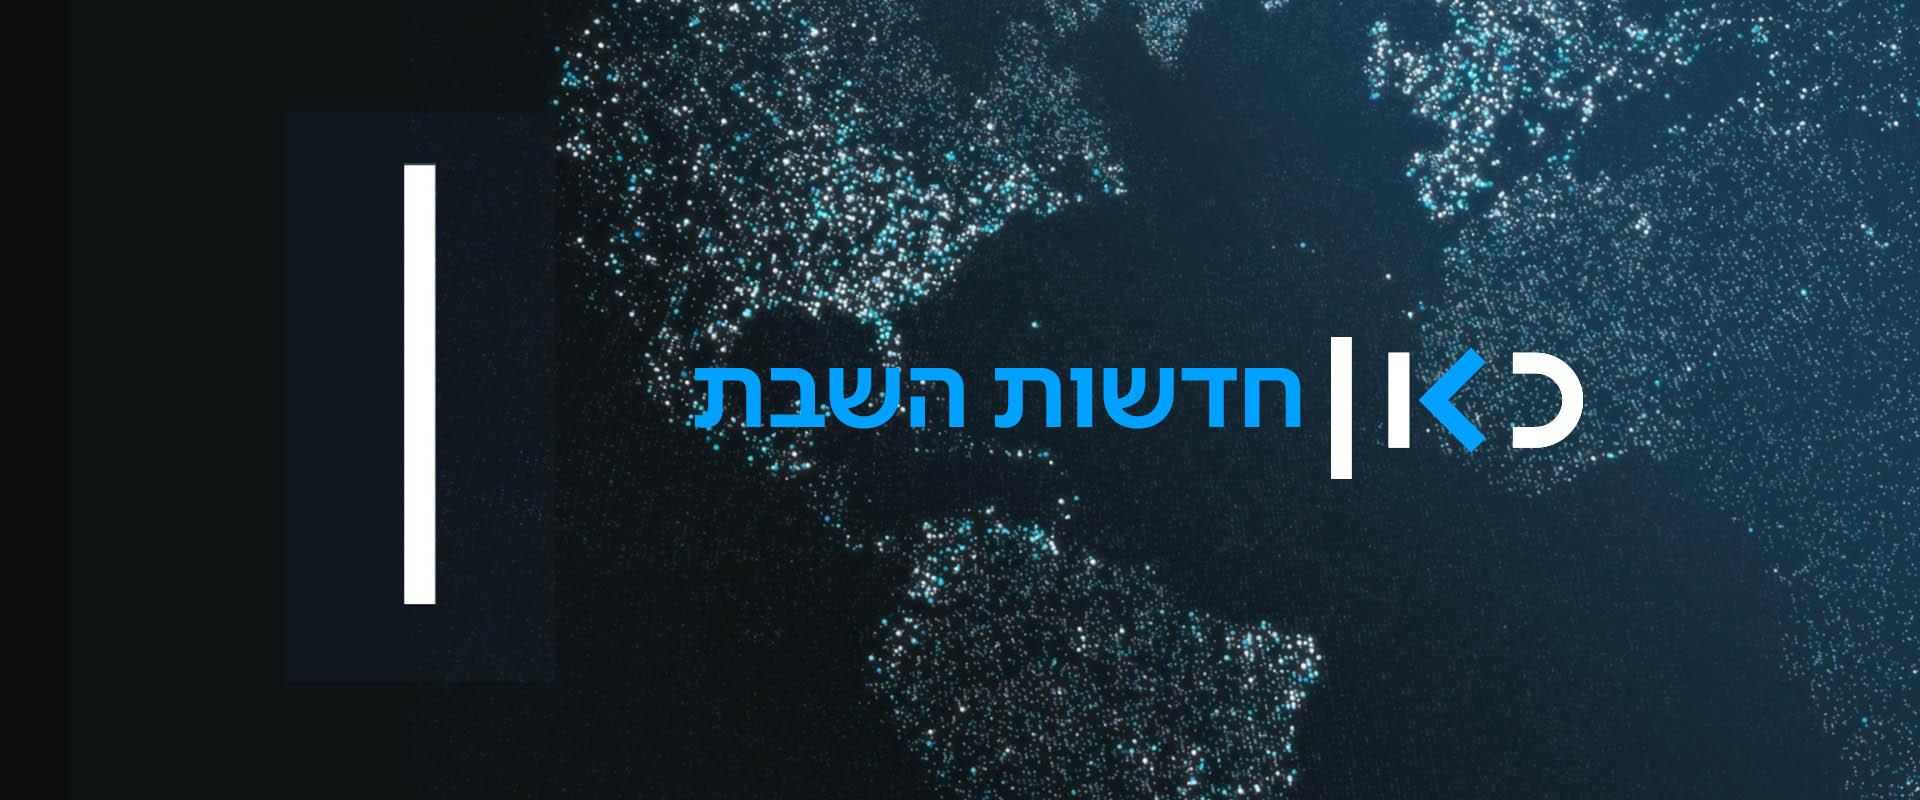 חדשות השבת